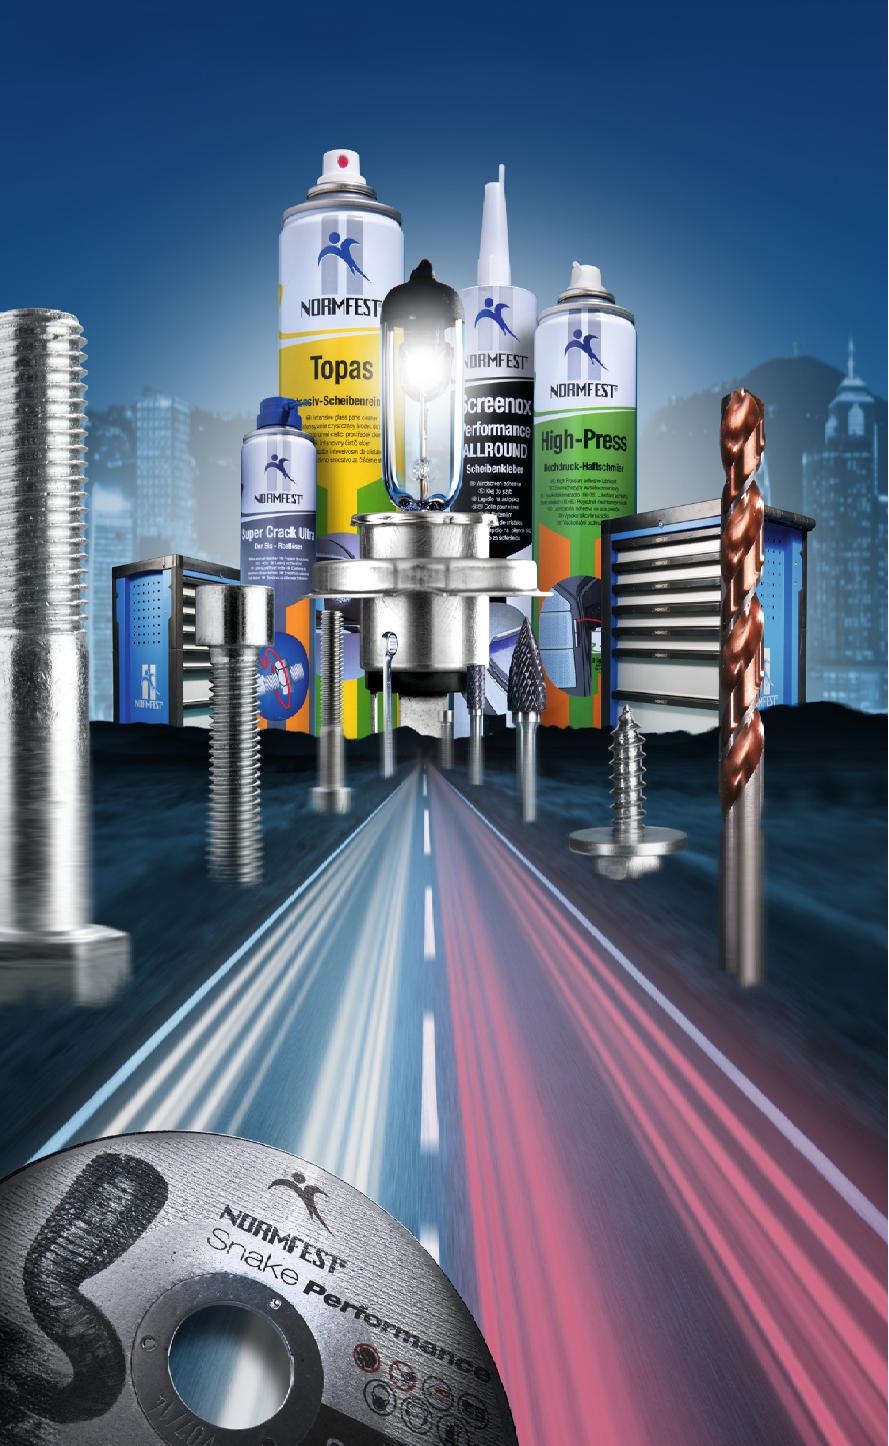 Tìm đại lý phân phối sản phẩm chăm sóc ôtô Normfest - Đức